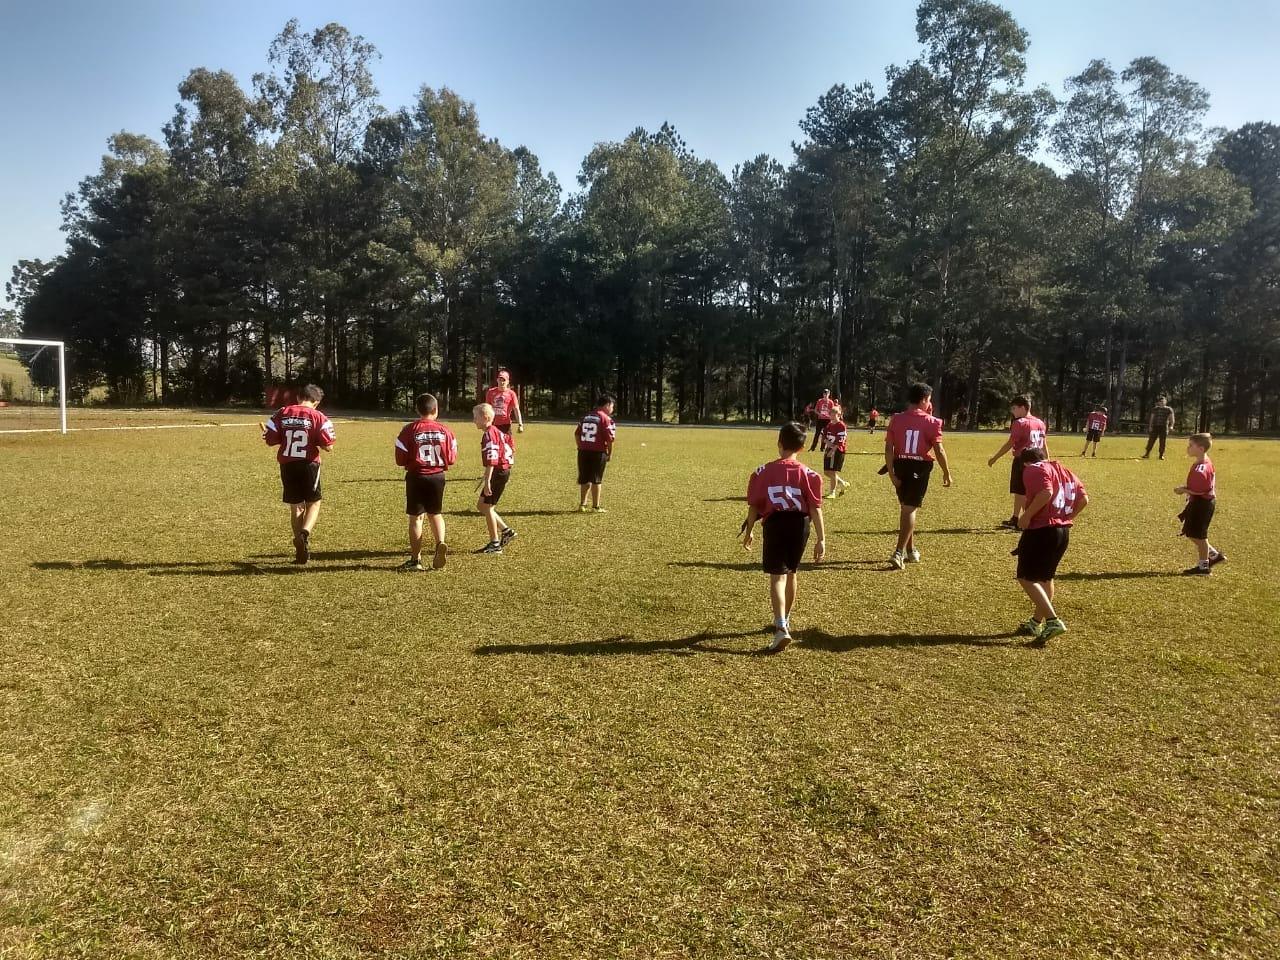 VÍDEO: Pelotão Mirim participa de competição de Futebol Americano